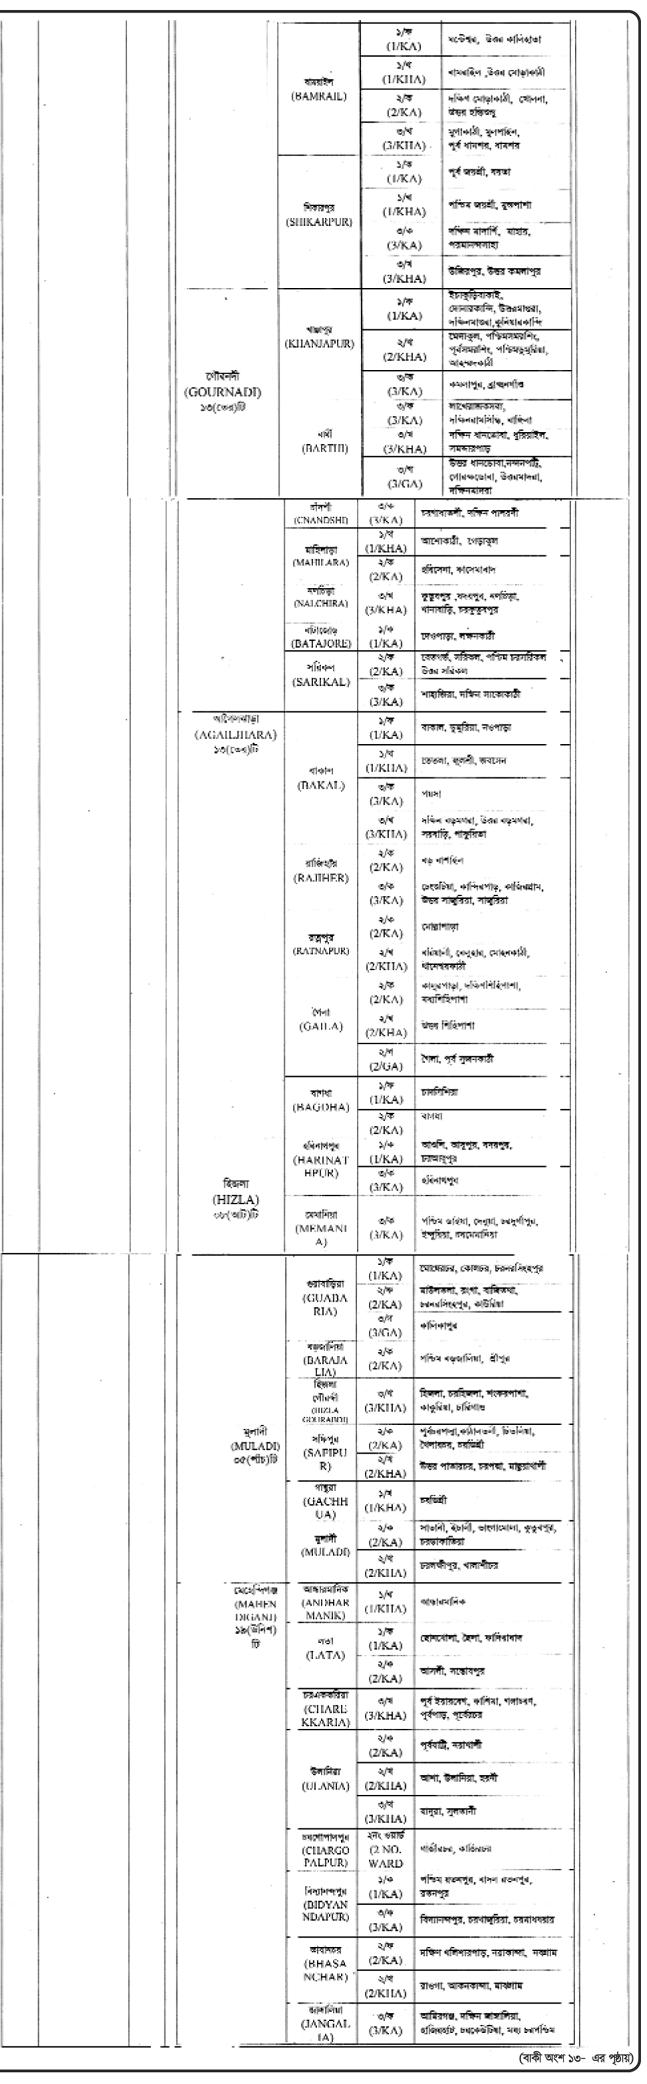 বরিশাল জেলা পরিবার পরিকল্পনা নিয়োগ বিজ্ঞপ্তি ২০২১ - Barisal Distric  poribar porikolpona job circular 2021 - স্বাস্থ্য ও পরিবার পরিকল্পনা অধিদপ্তরে নিয়োগ বিজ্ঞপ্তি ২০২১